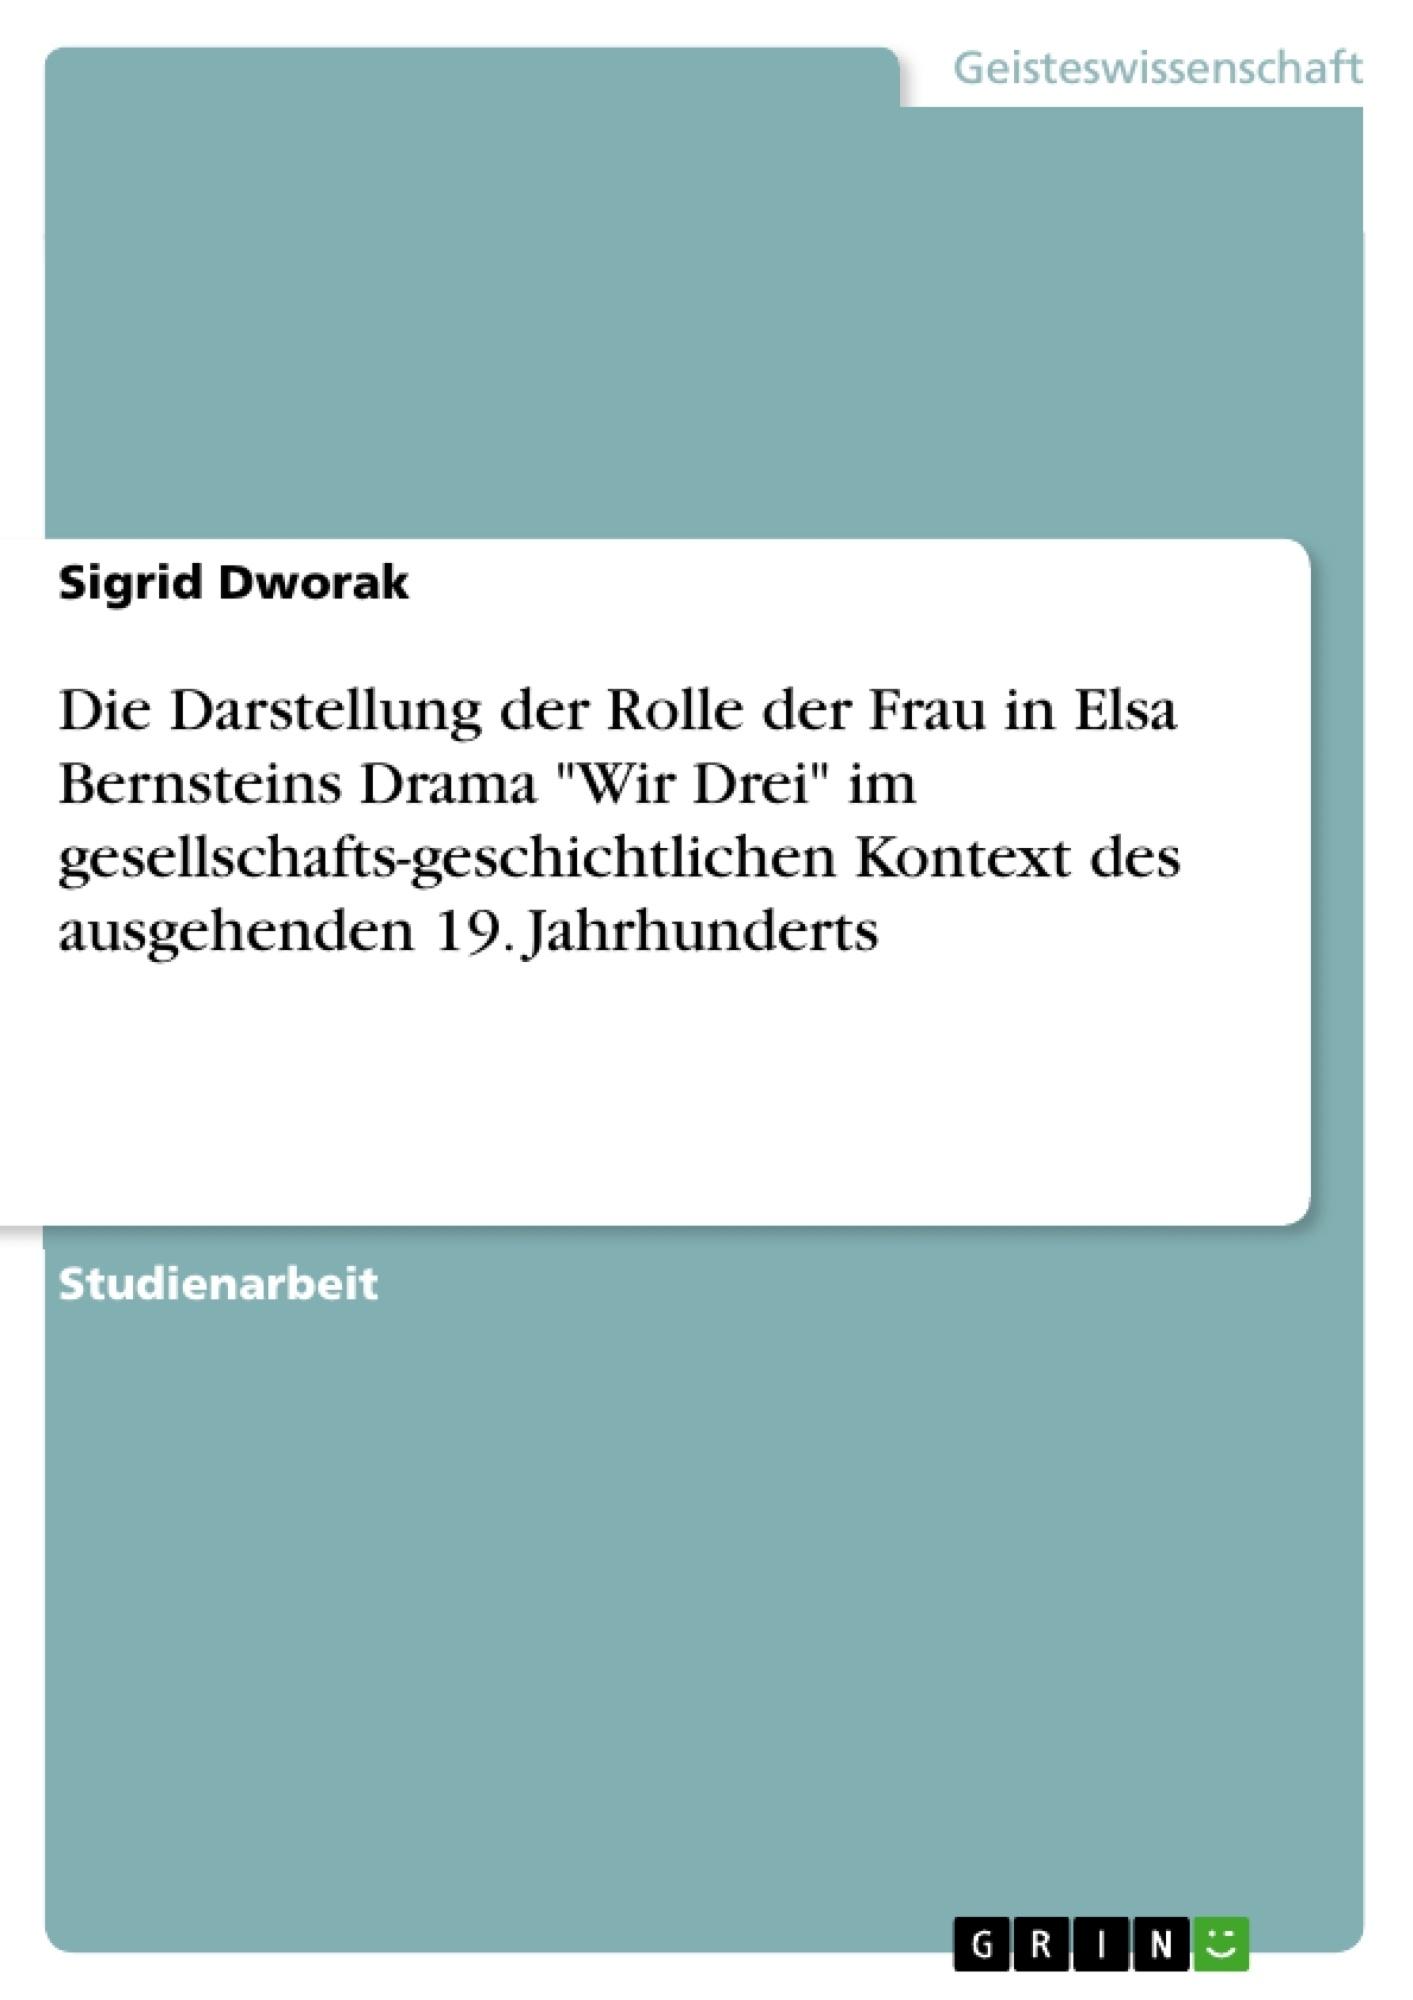 """Titel: Die Darstellung der Rolle der Frau in Elsa Bernsteins Drama """"Wir Drei"""" im gesellschafts-geschichtlichen Kontext des ausgehenden 19. Jahrhunderts"""